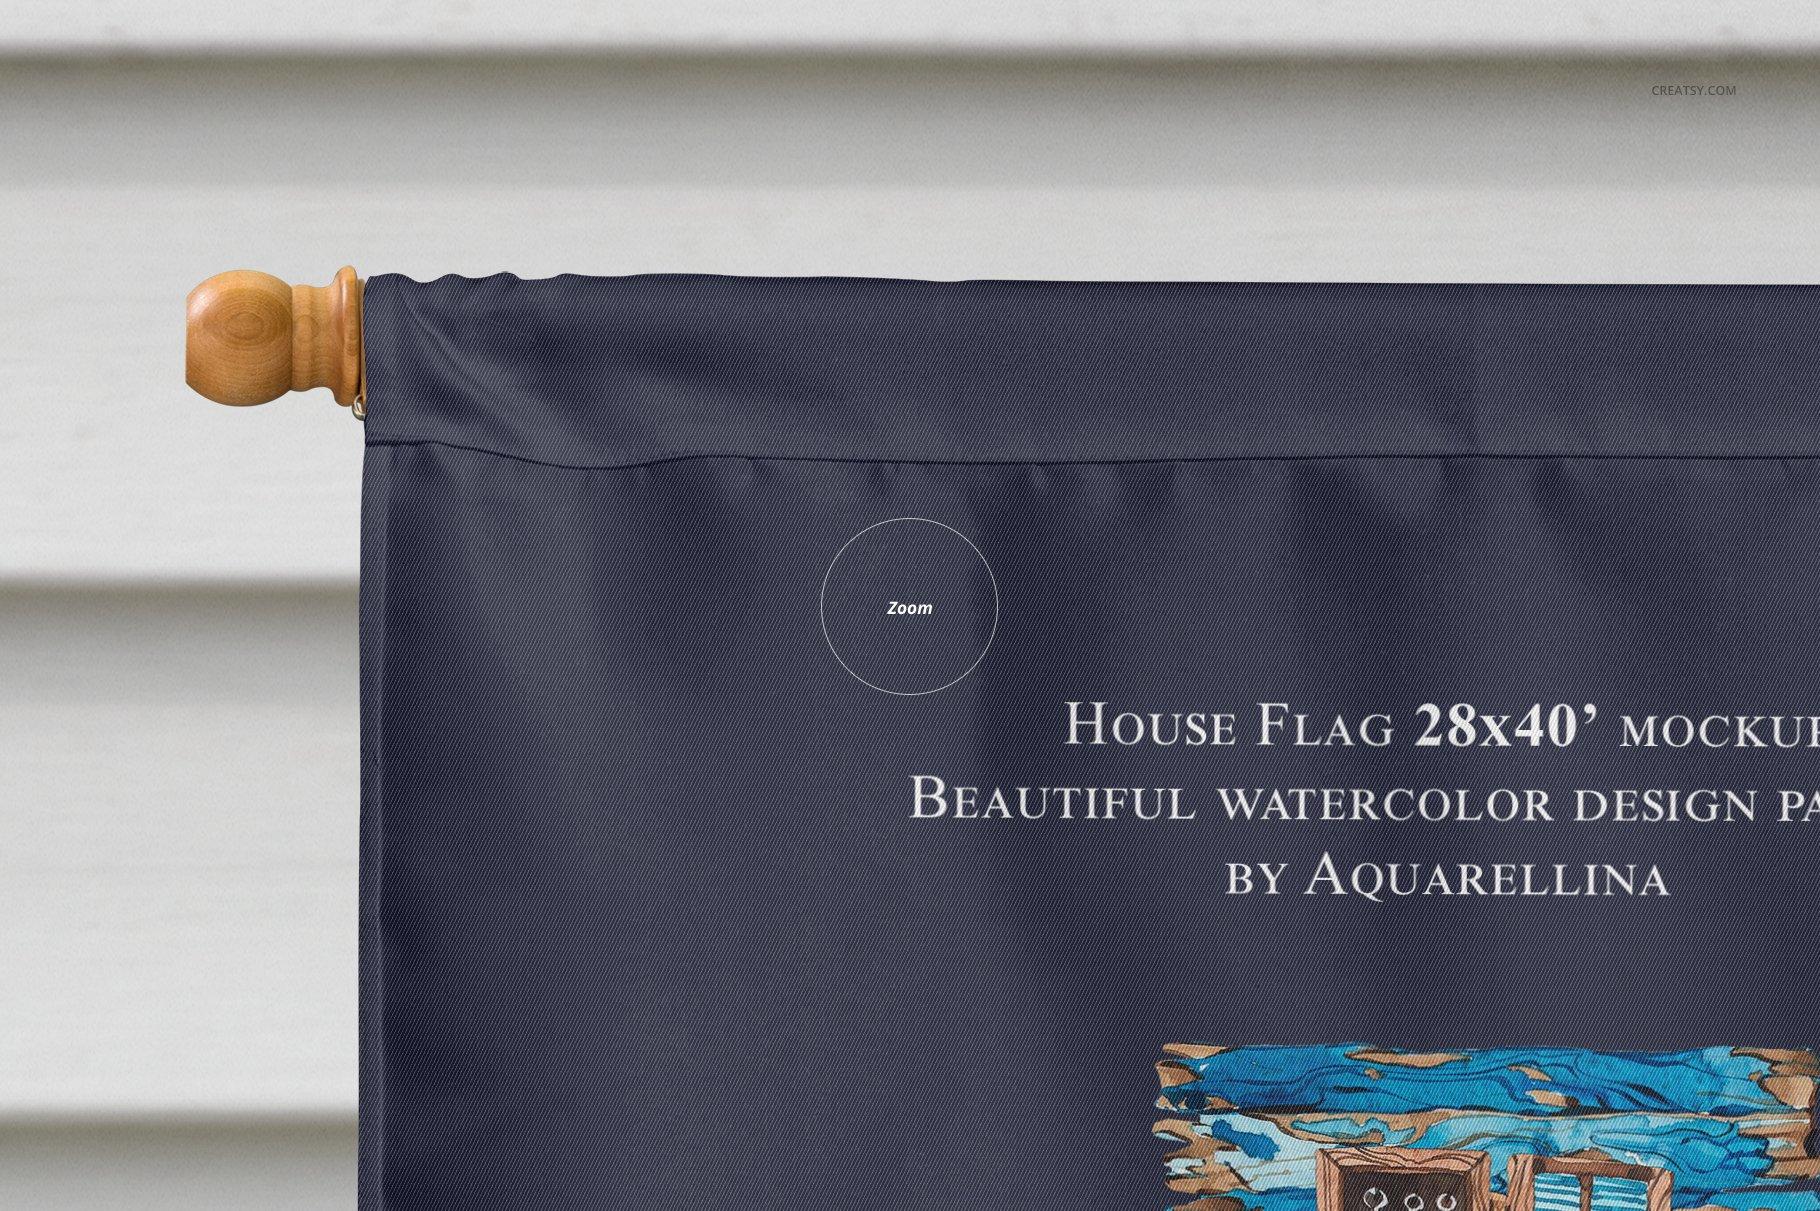 房屋悬挂旗帜设计展示图样机模板合集 Large House Flag Mockup Set插图(7)